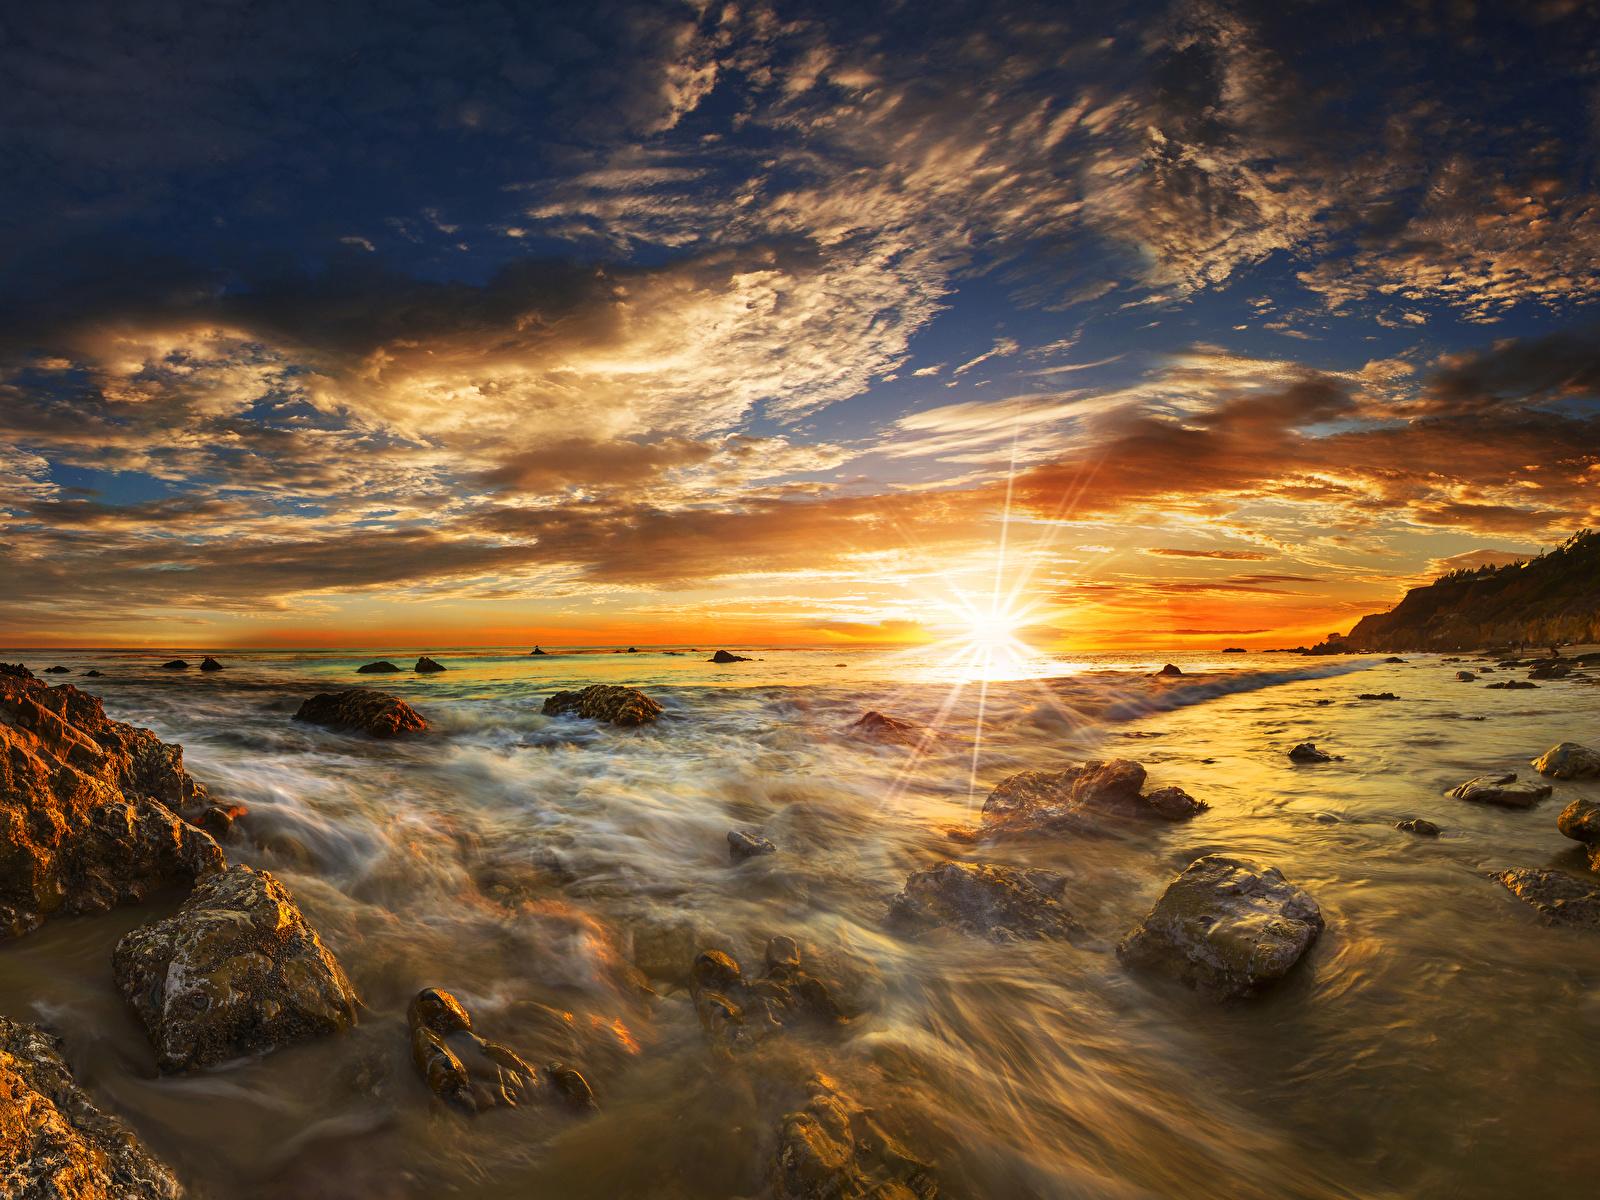 Fotos von USA Matador State Beach Malibu Sonne Natur Himmel Landschaftsfotografie Sonnenaufgänge und Sonnenuntergänge Stein Küste Wolke 1600x1200 Vereinigte Staaten Morgendämmerung und Sonnenuntergang Steine